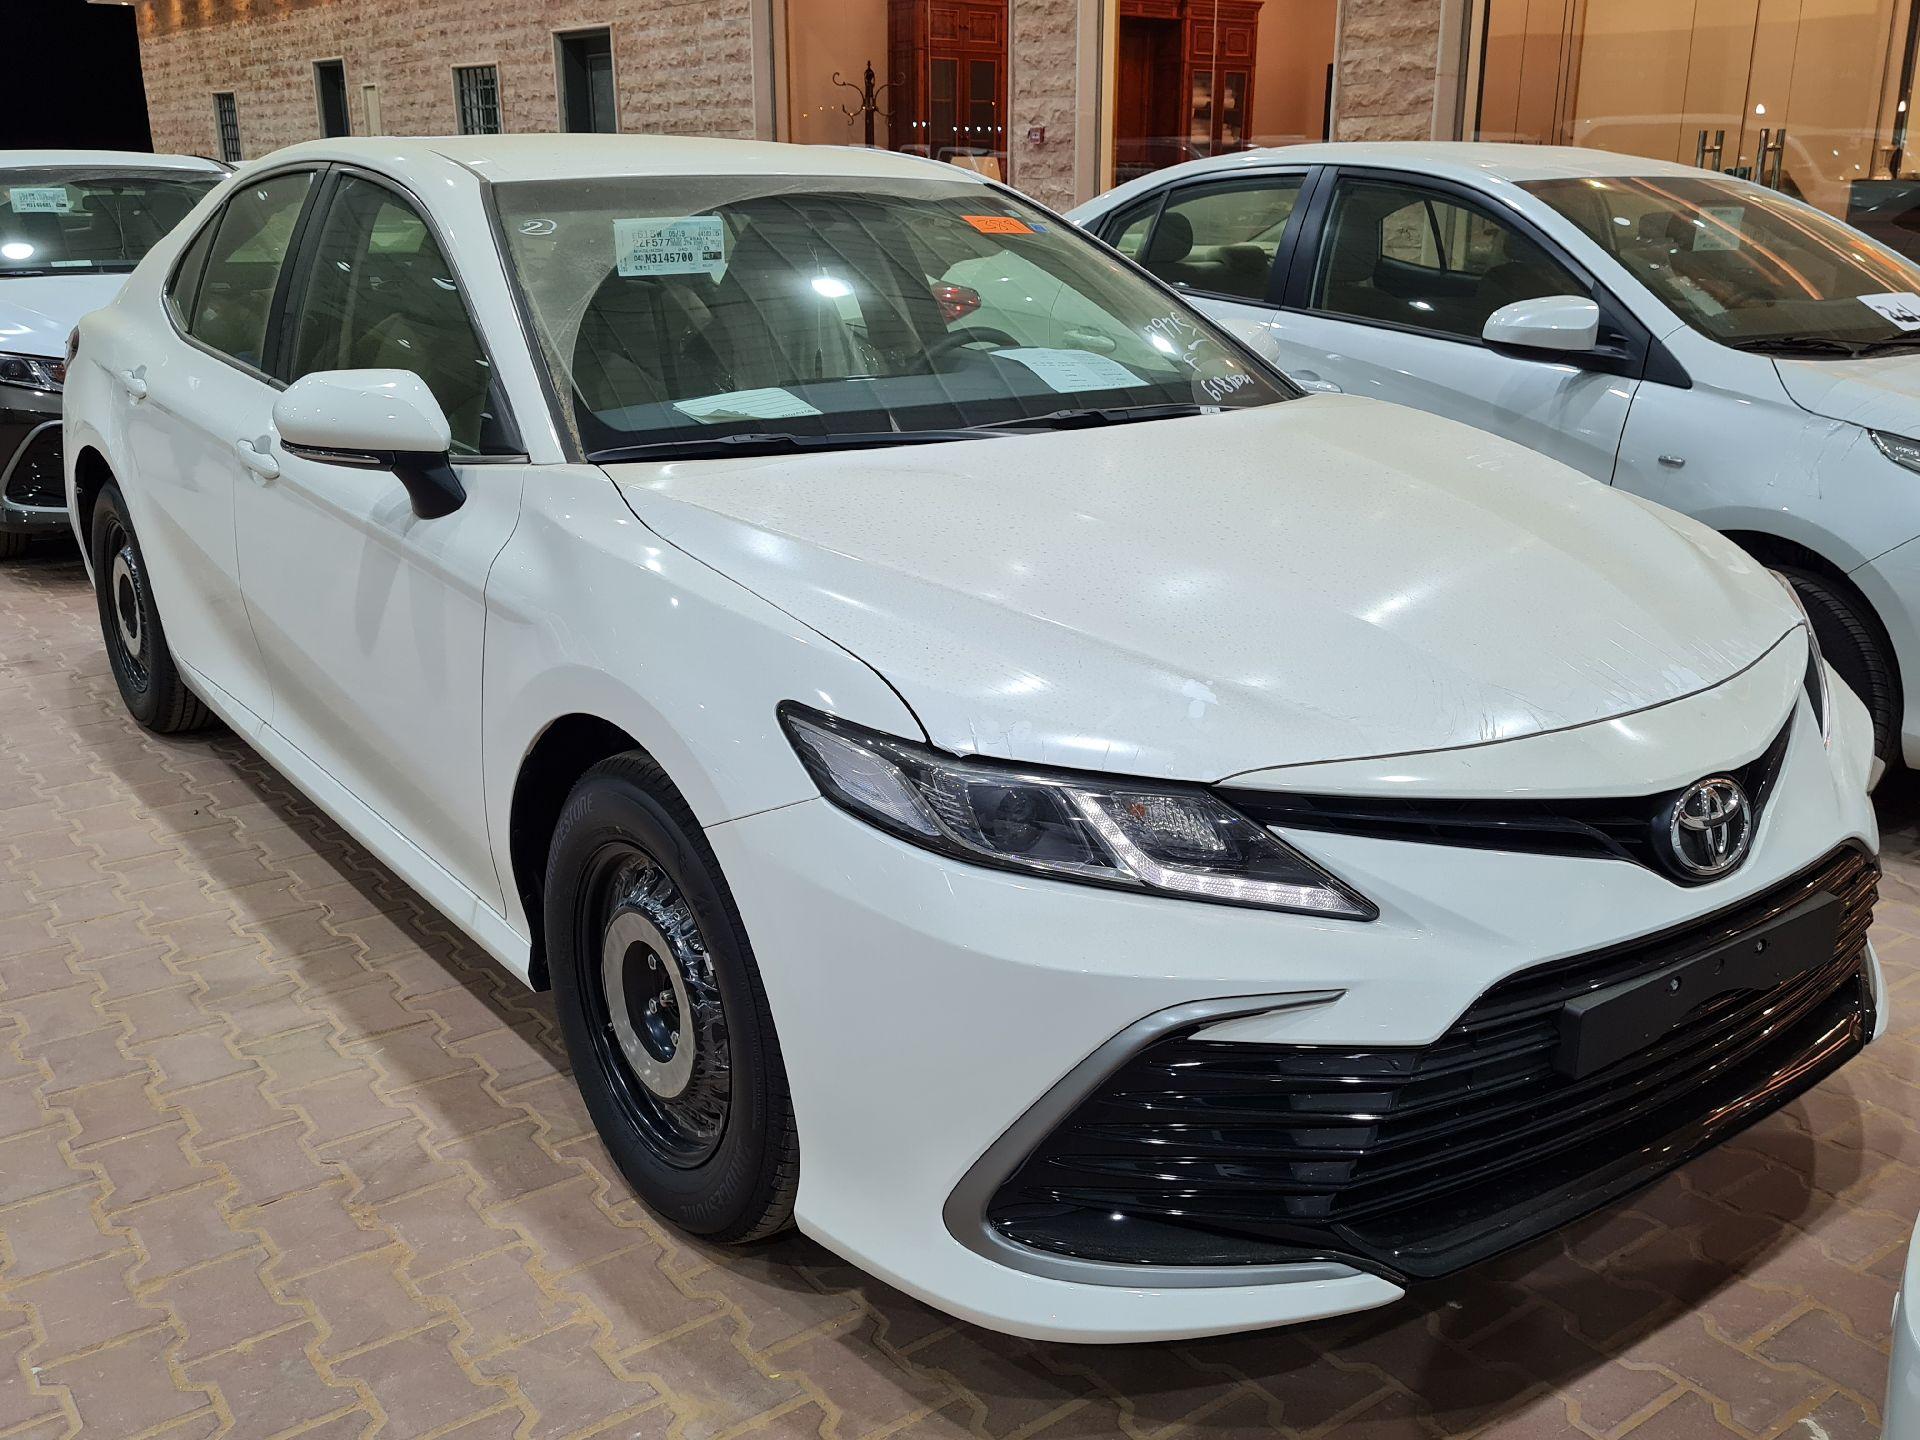 تويوتا كامري LE ستاندر 2021 سعودي جديد للبيع في الرياض - السعودية - صورة كبيرة - 3